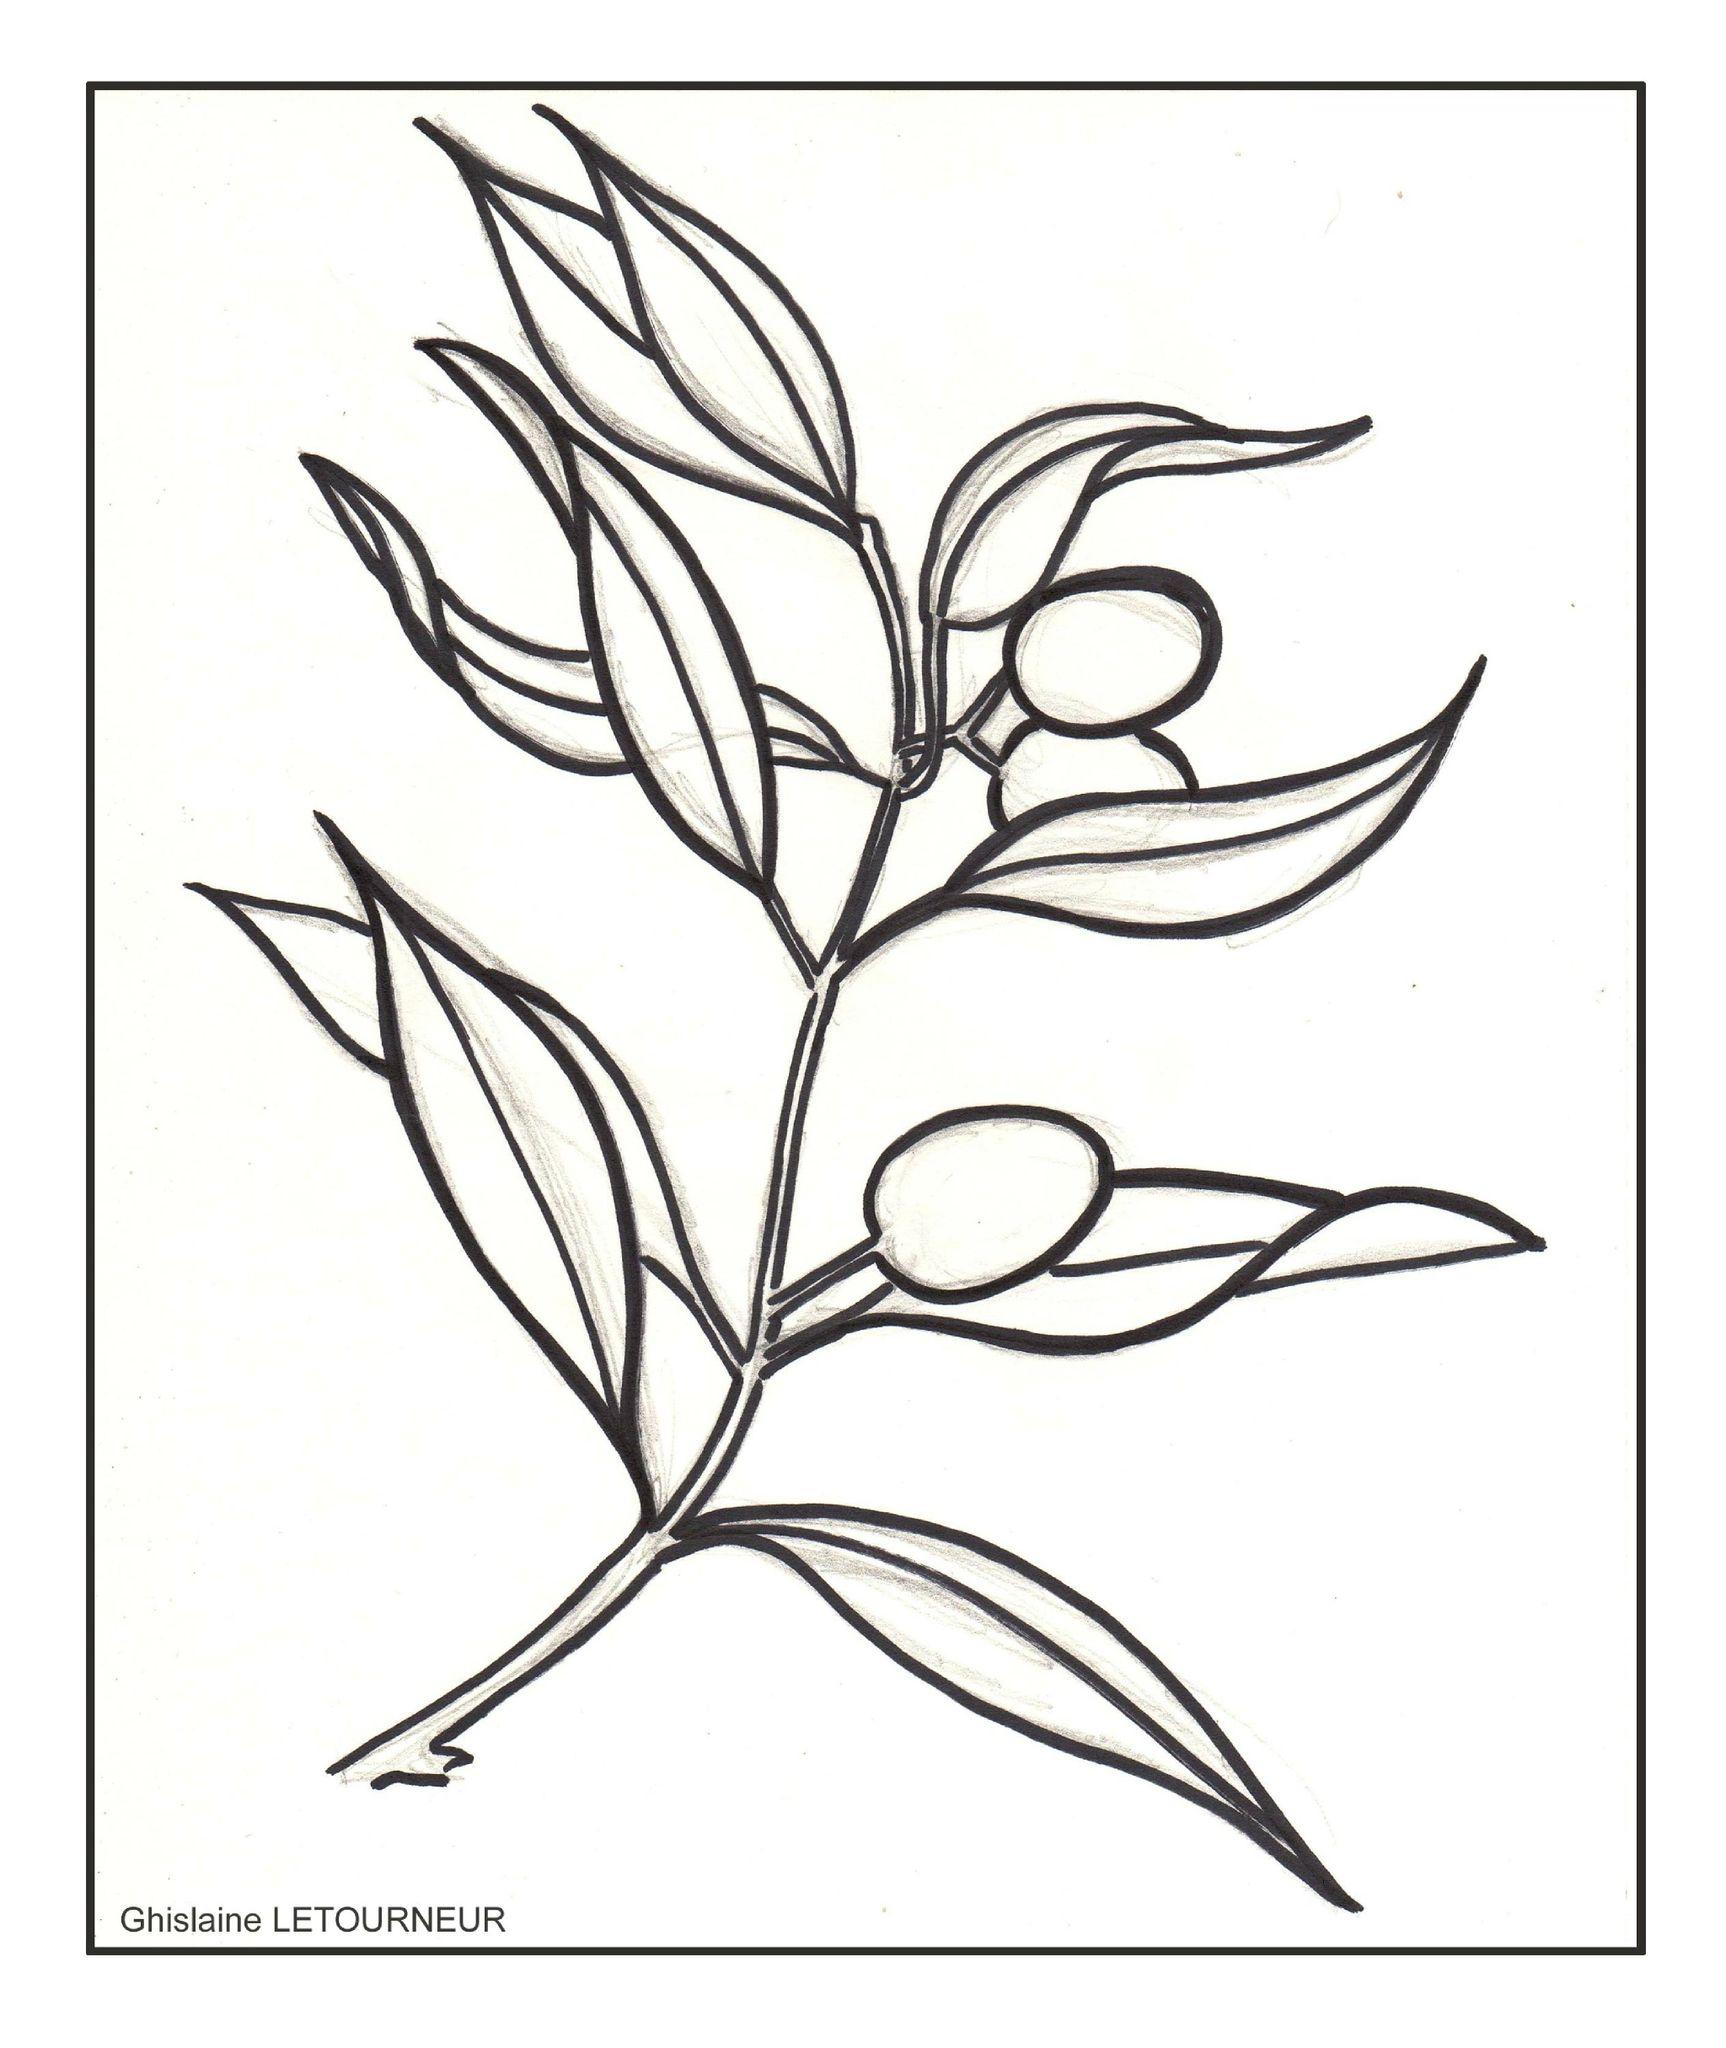 dessin coloriage branche d olivier photo de n coloriages animaux nature crea gl. Black Bedroom Furniture Sets. Home Design Ideas